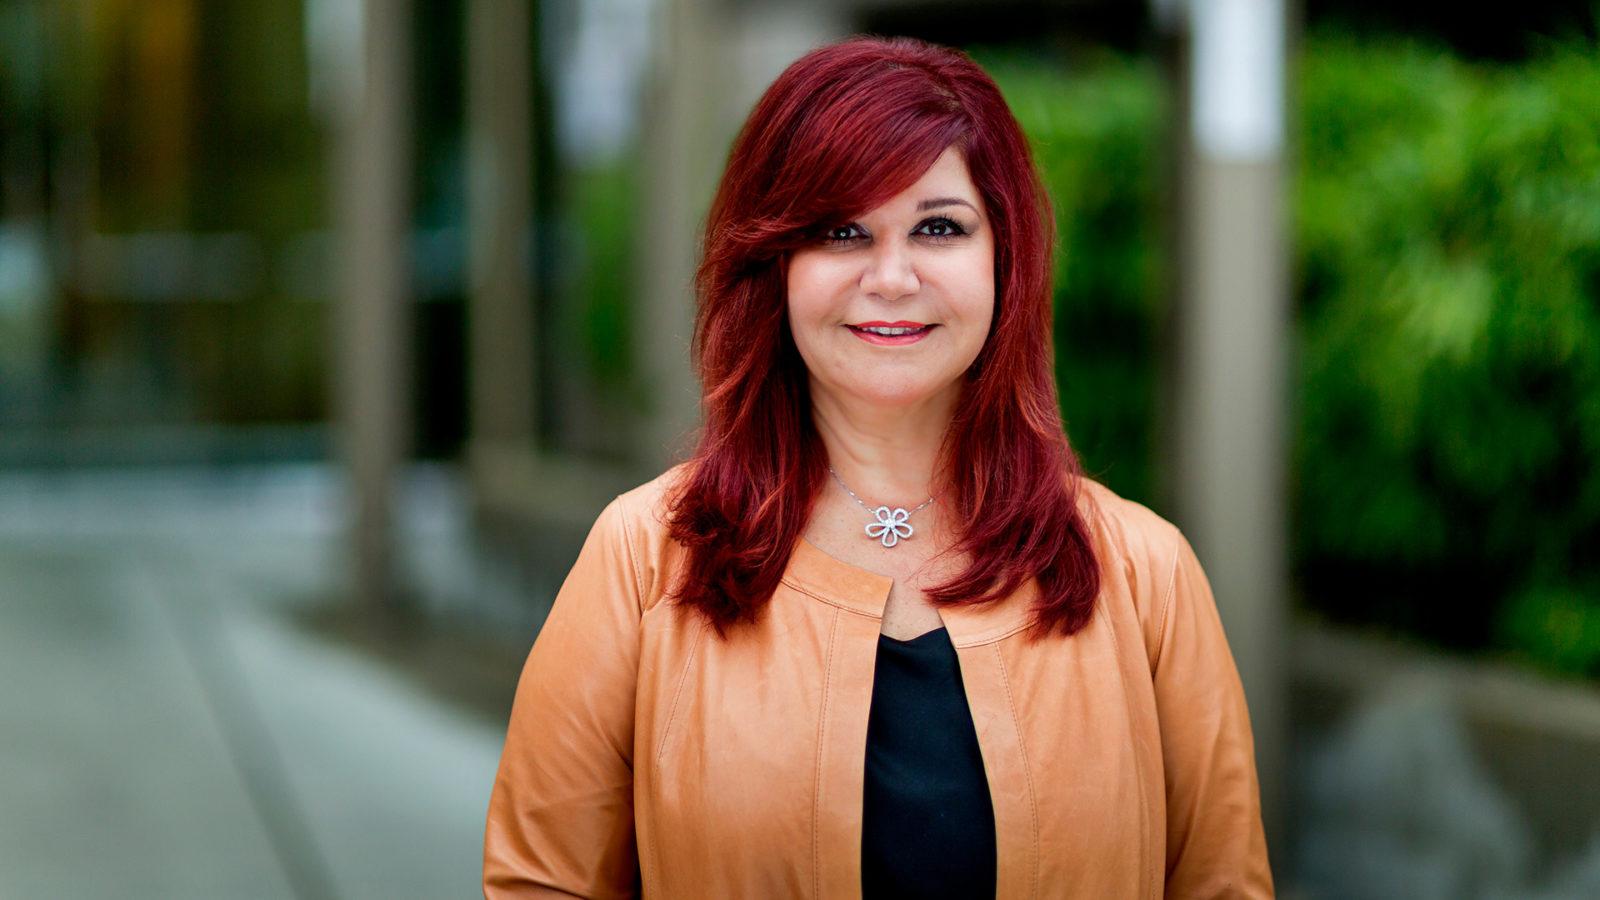 Митра Азизирад, вице-президент. Фото: Microsoft.